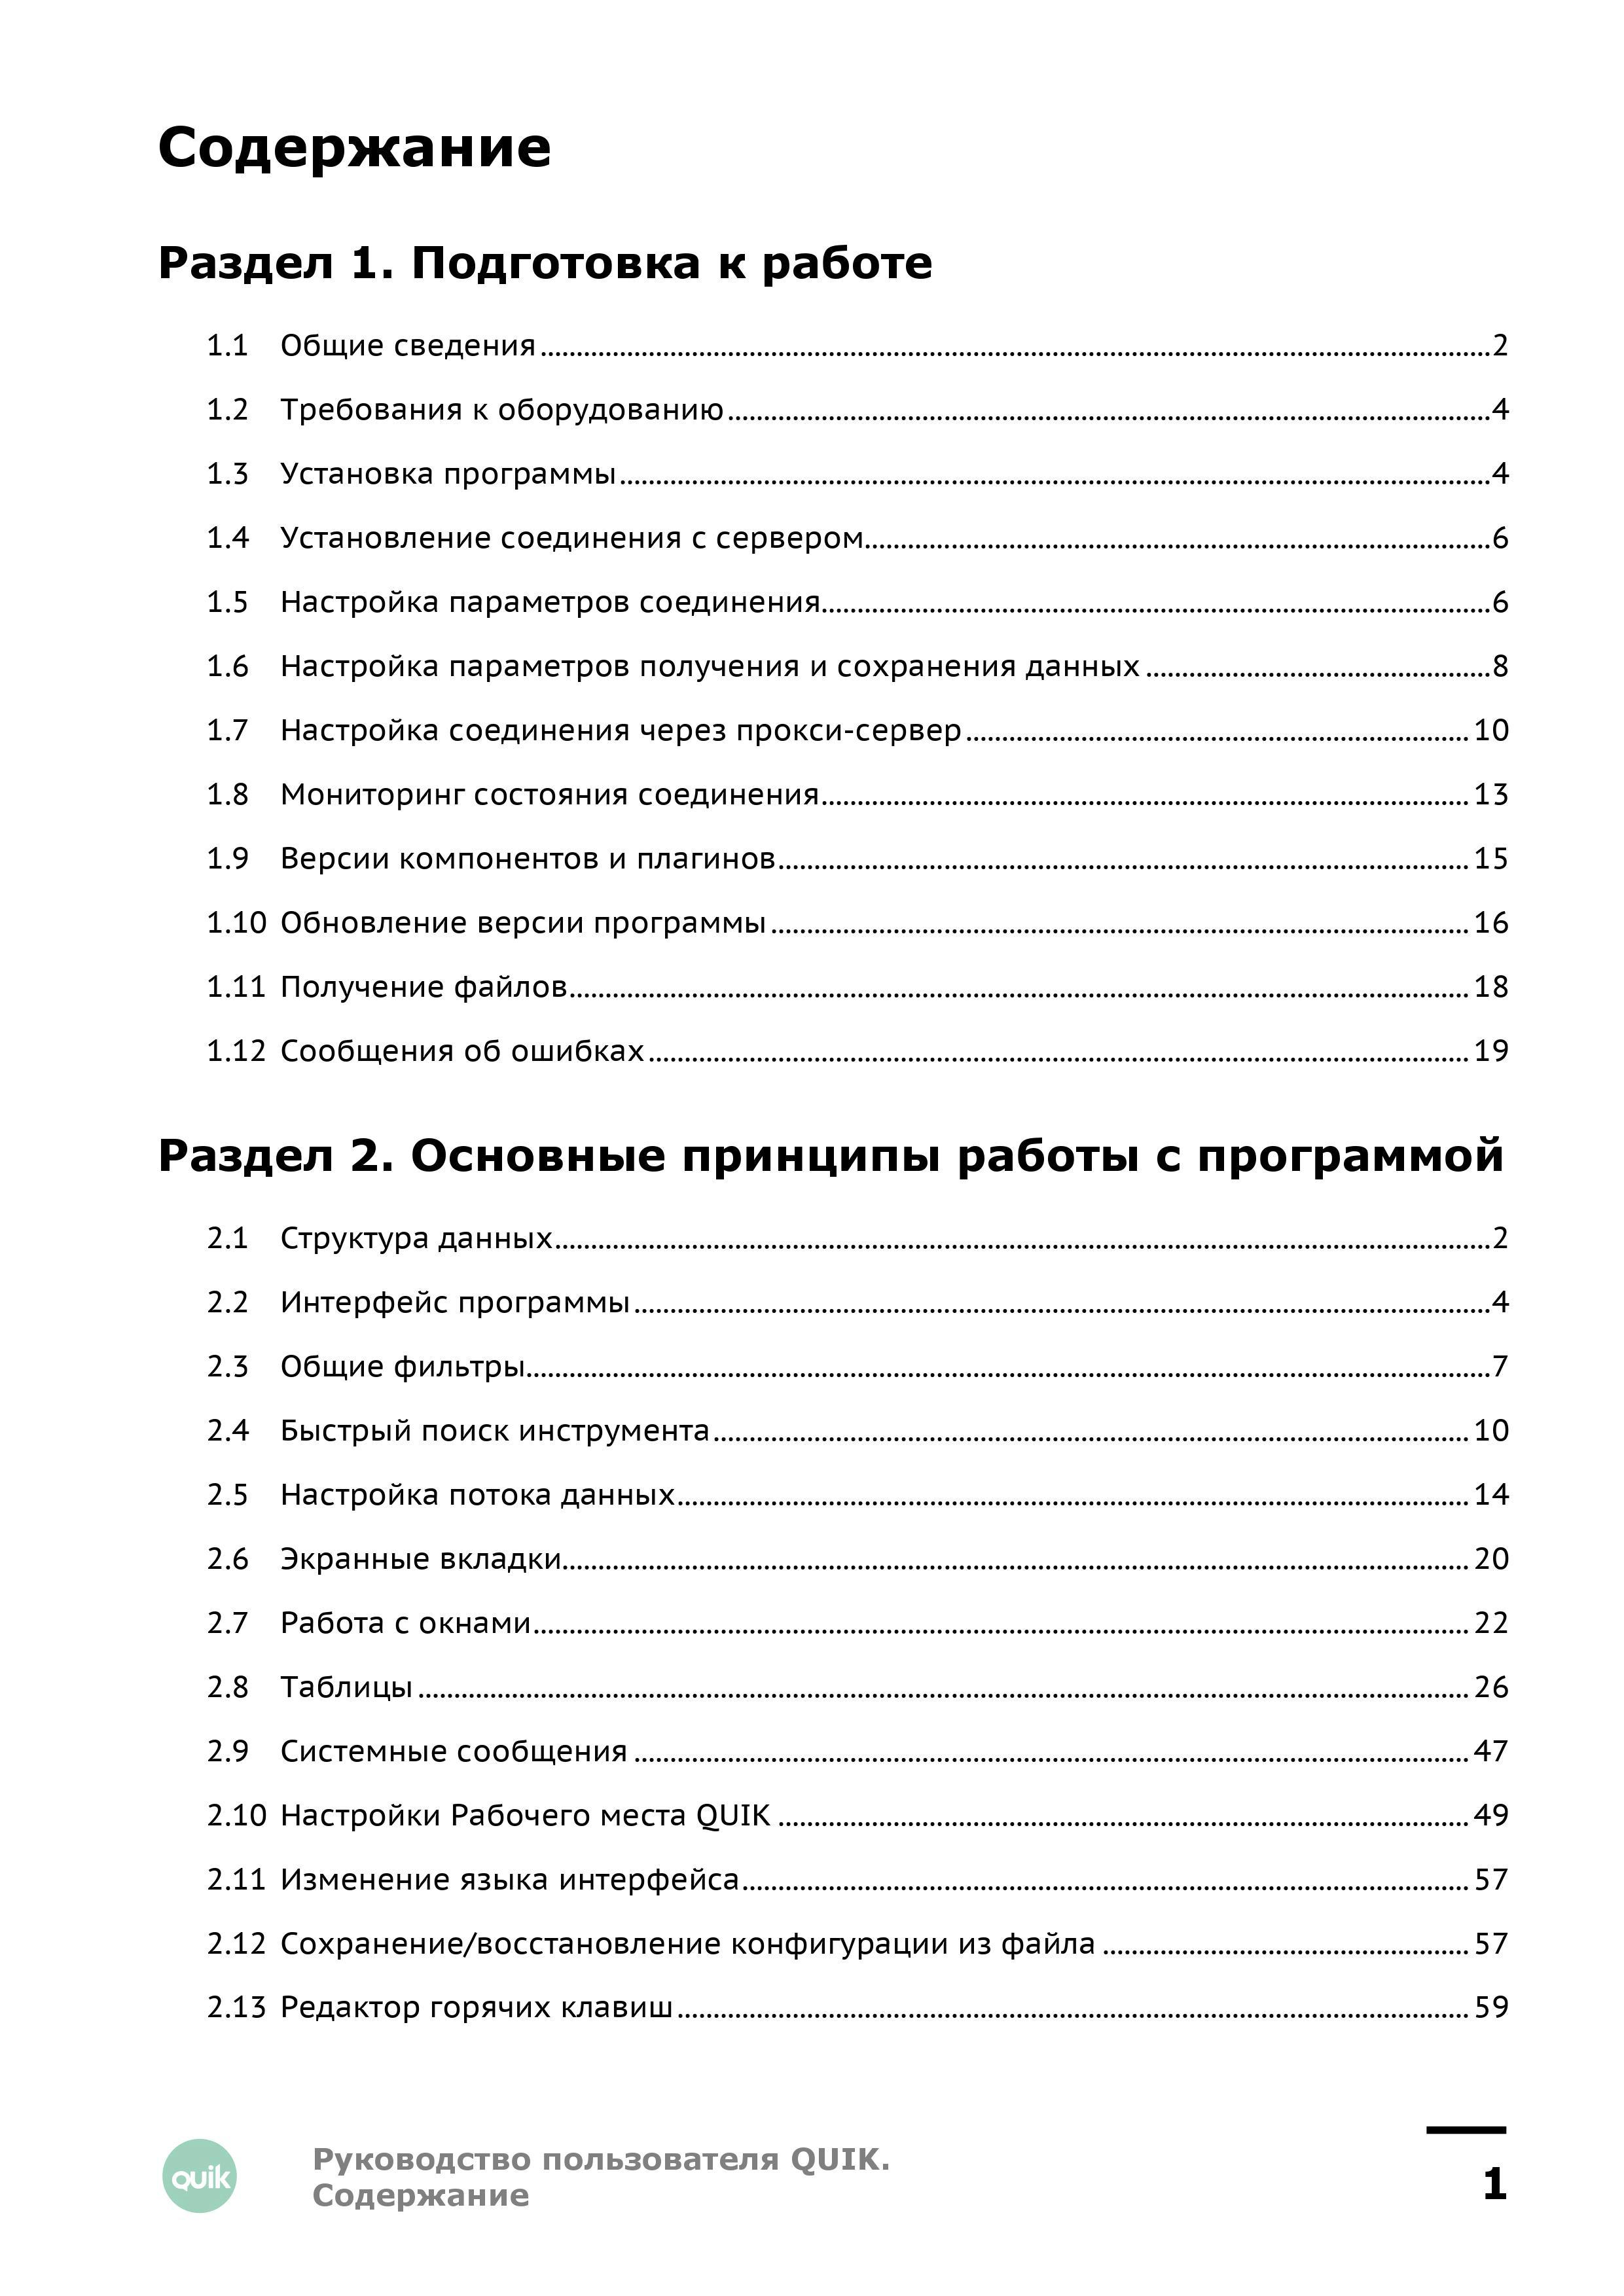 Подробной инструкции по работе с платформой стр. 1